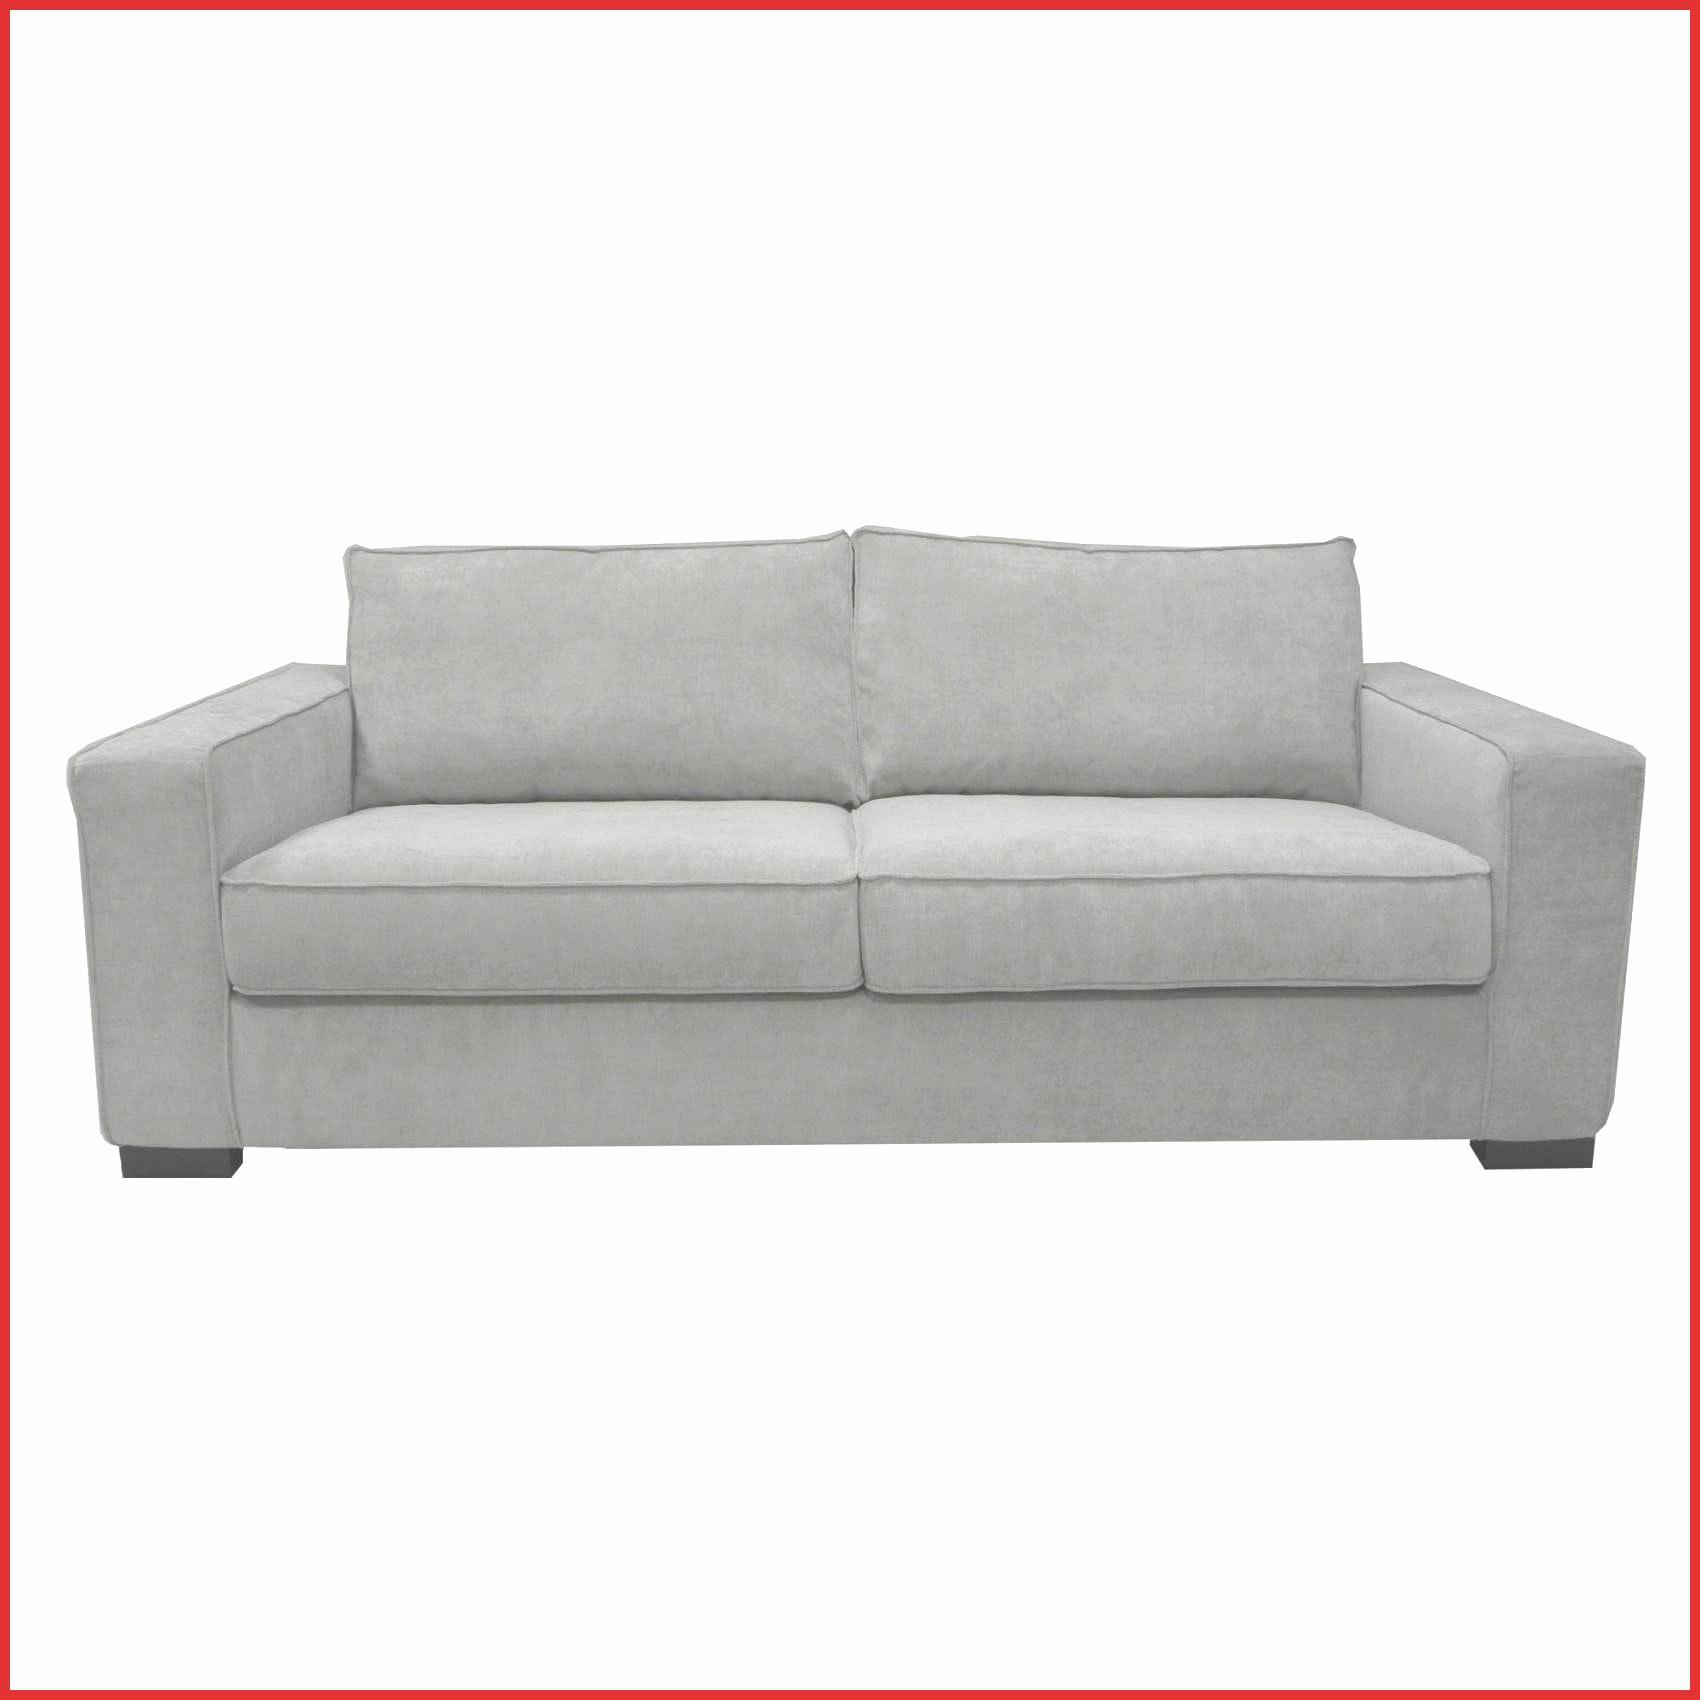 Canapé Cuir Blanc but Inspirant Galerie Canap Convertible 3 Places Conforama 11 Lit 2 Pas Cher Ikea but